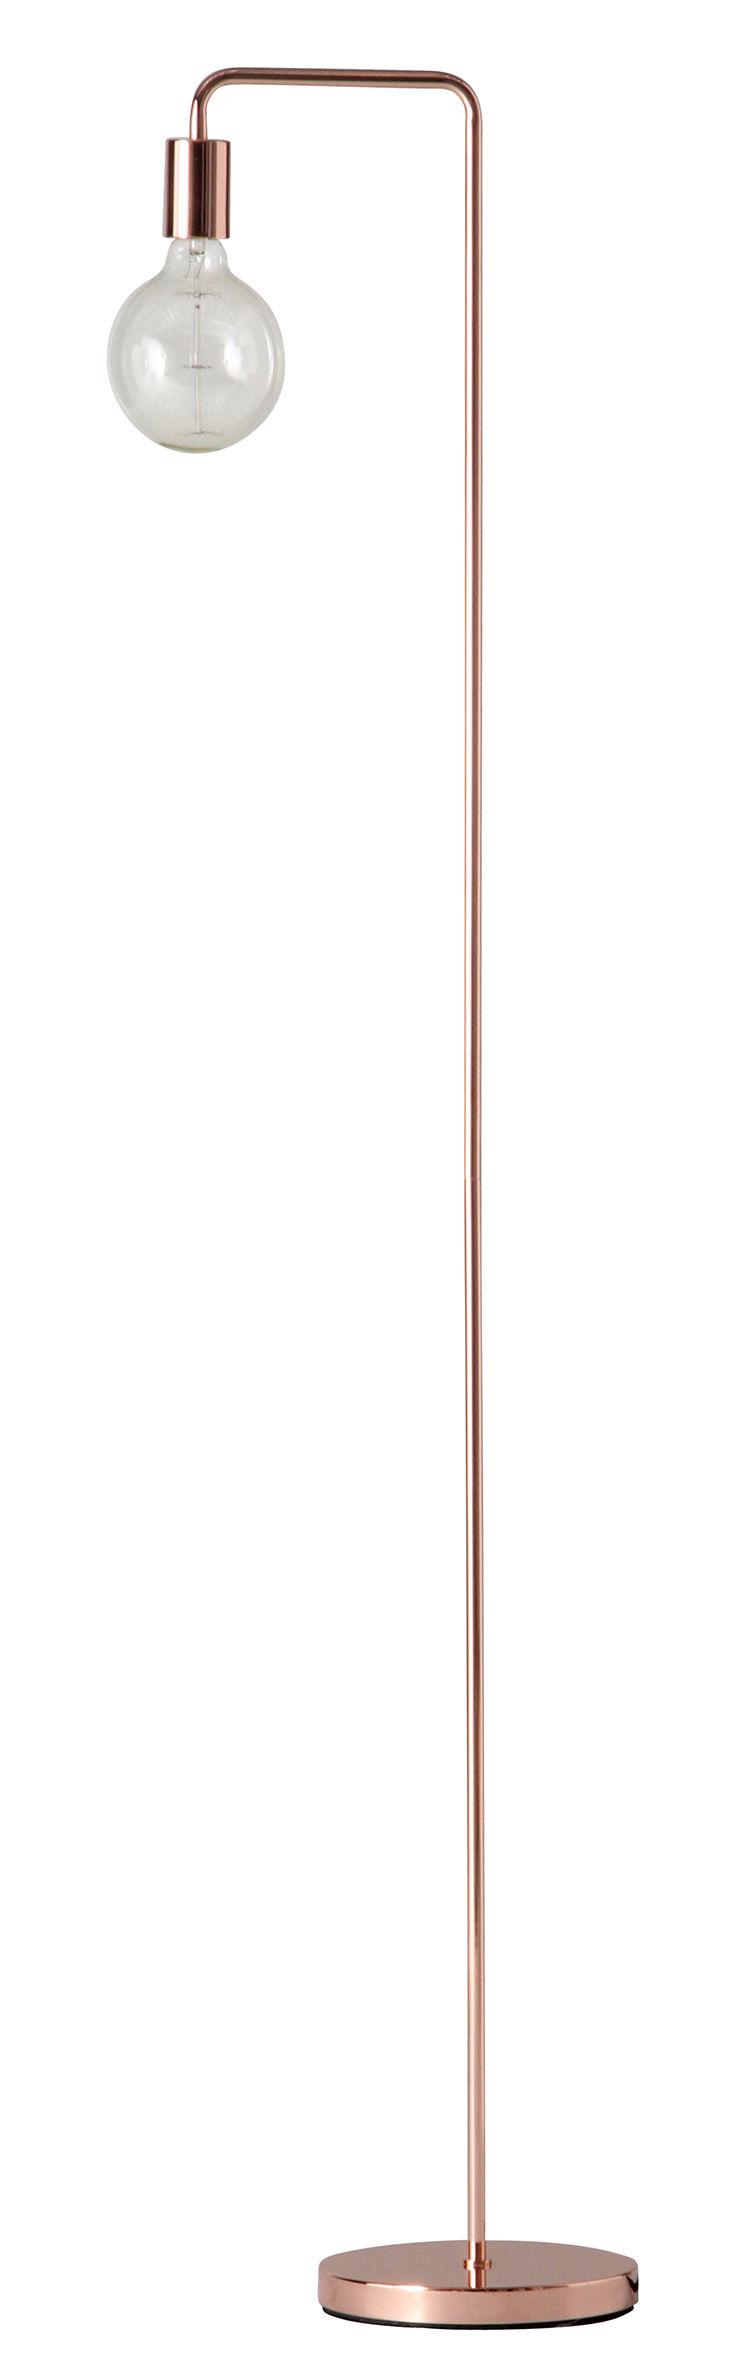 Illuminazione - Lampade da terra - Lampada a stelo Cool - / H 153 cm di Frandsen - Rame - Métal finition cuivre